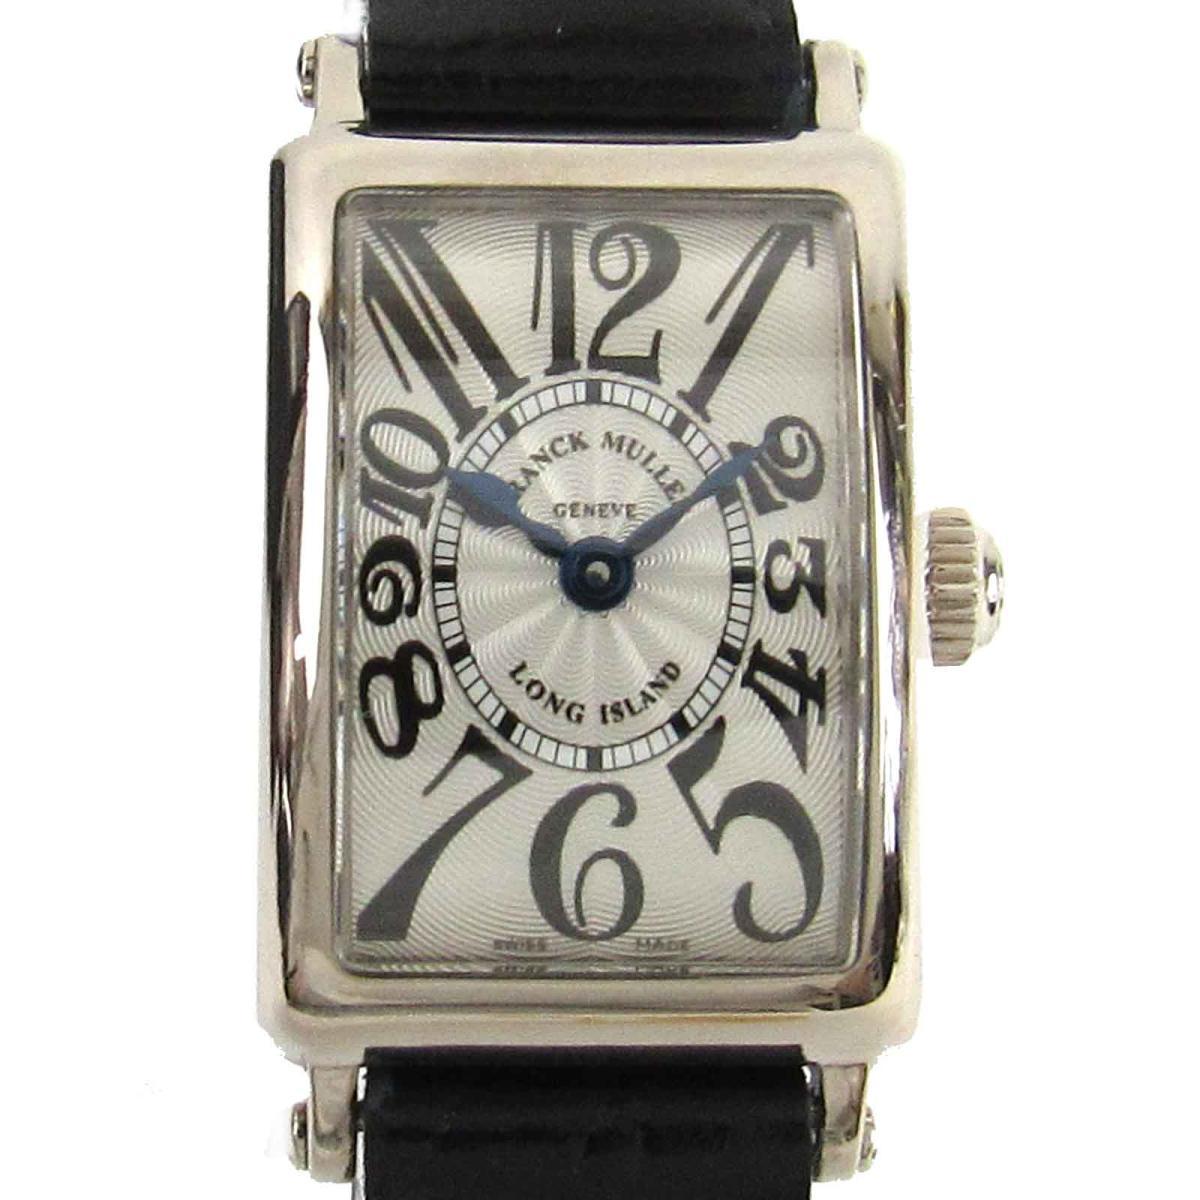 ≪期間限定≫メルマガ登録でクーポンGET! 【中古】 フランク・ミュラー ロングアイランド プティ 時計 レディース K18WG (750)ホワイトゴールド レザーベルト (802 QZ)   FRANCK MULLER BRANDOFF ブランドオフ ブランド ブランド時計 ブランド腕時計 腕時計